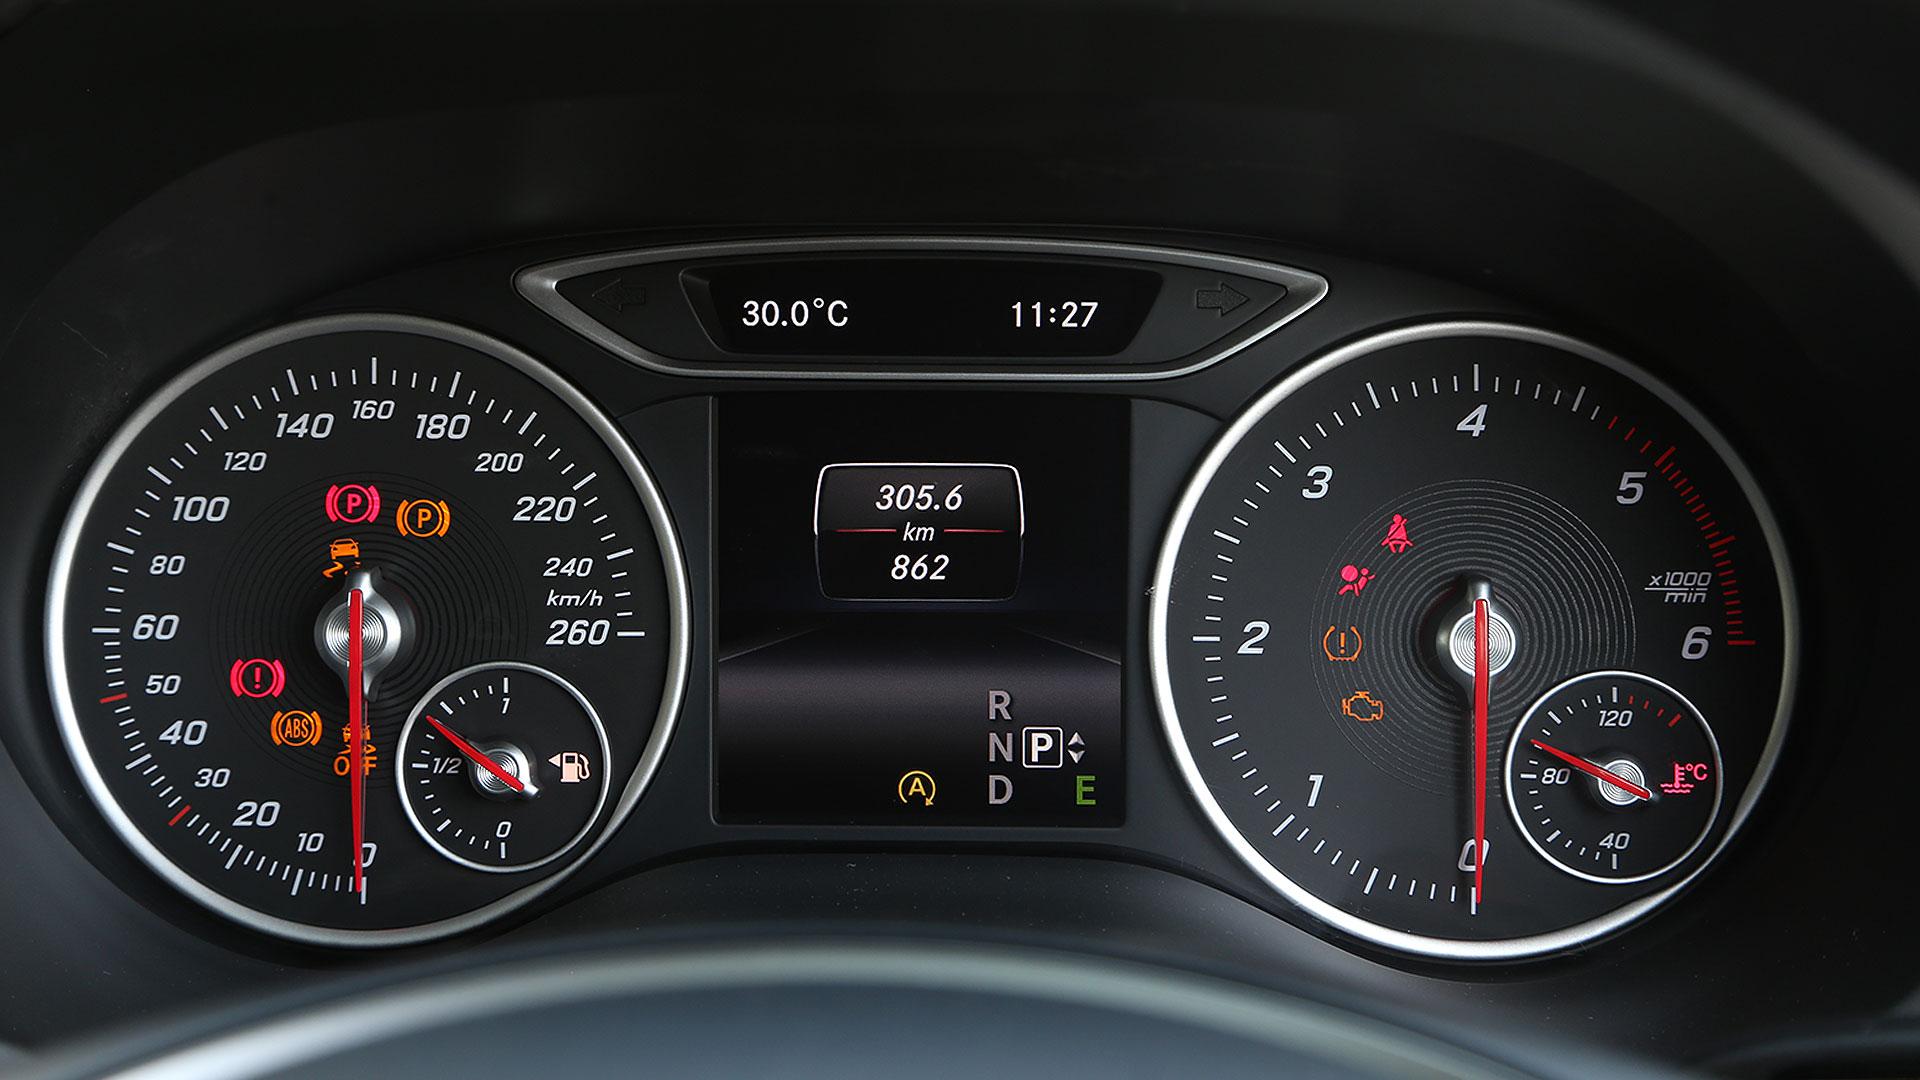 Mercedesbenz-bclass-2015-B200 CDI Sport Interior